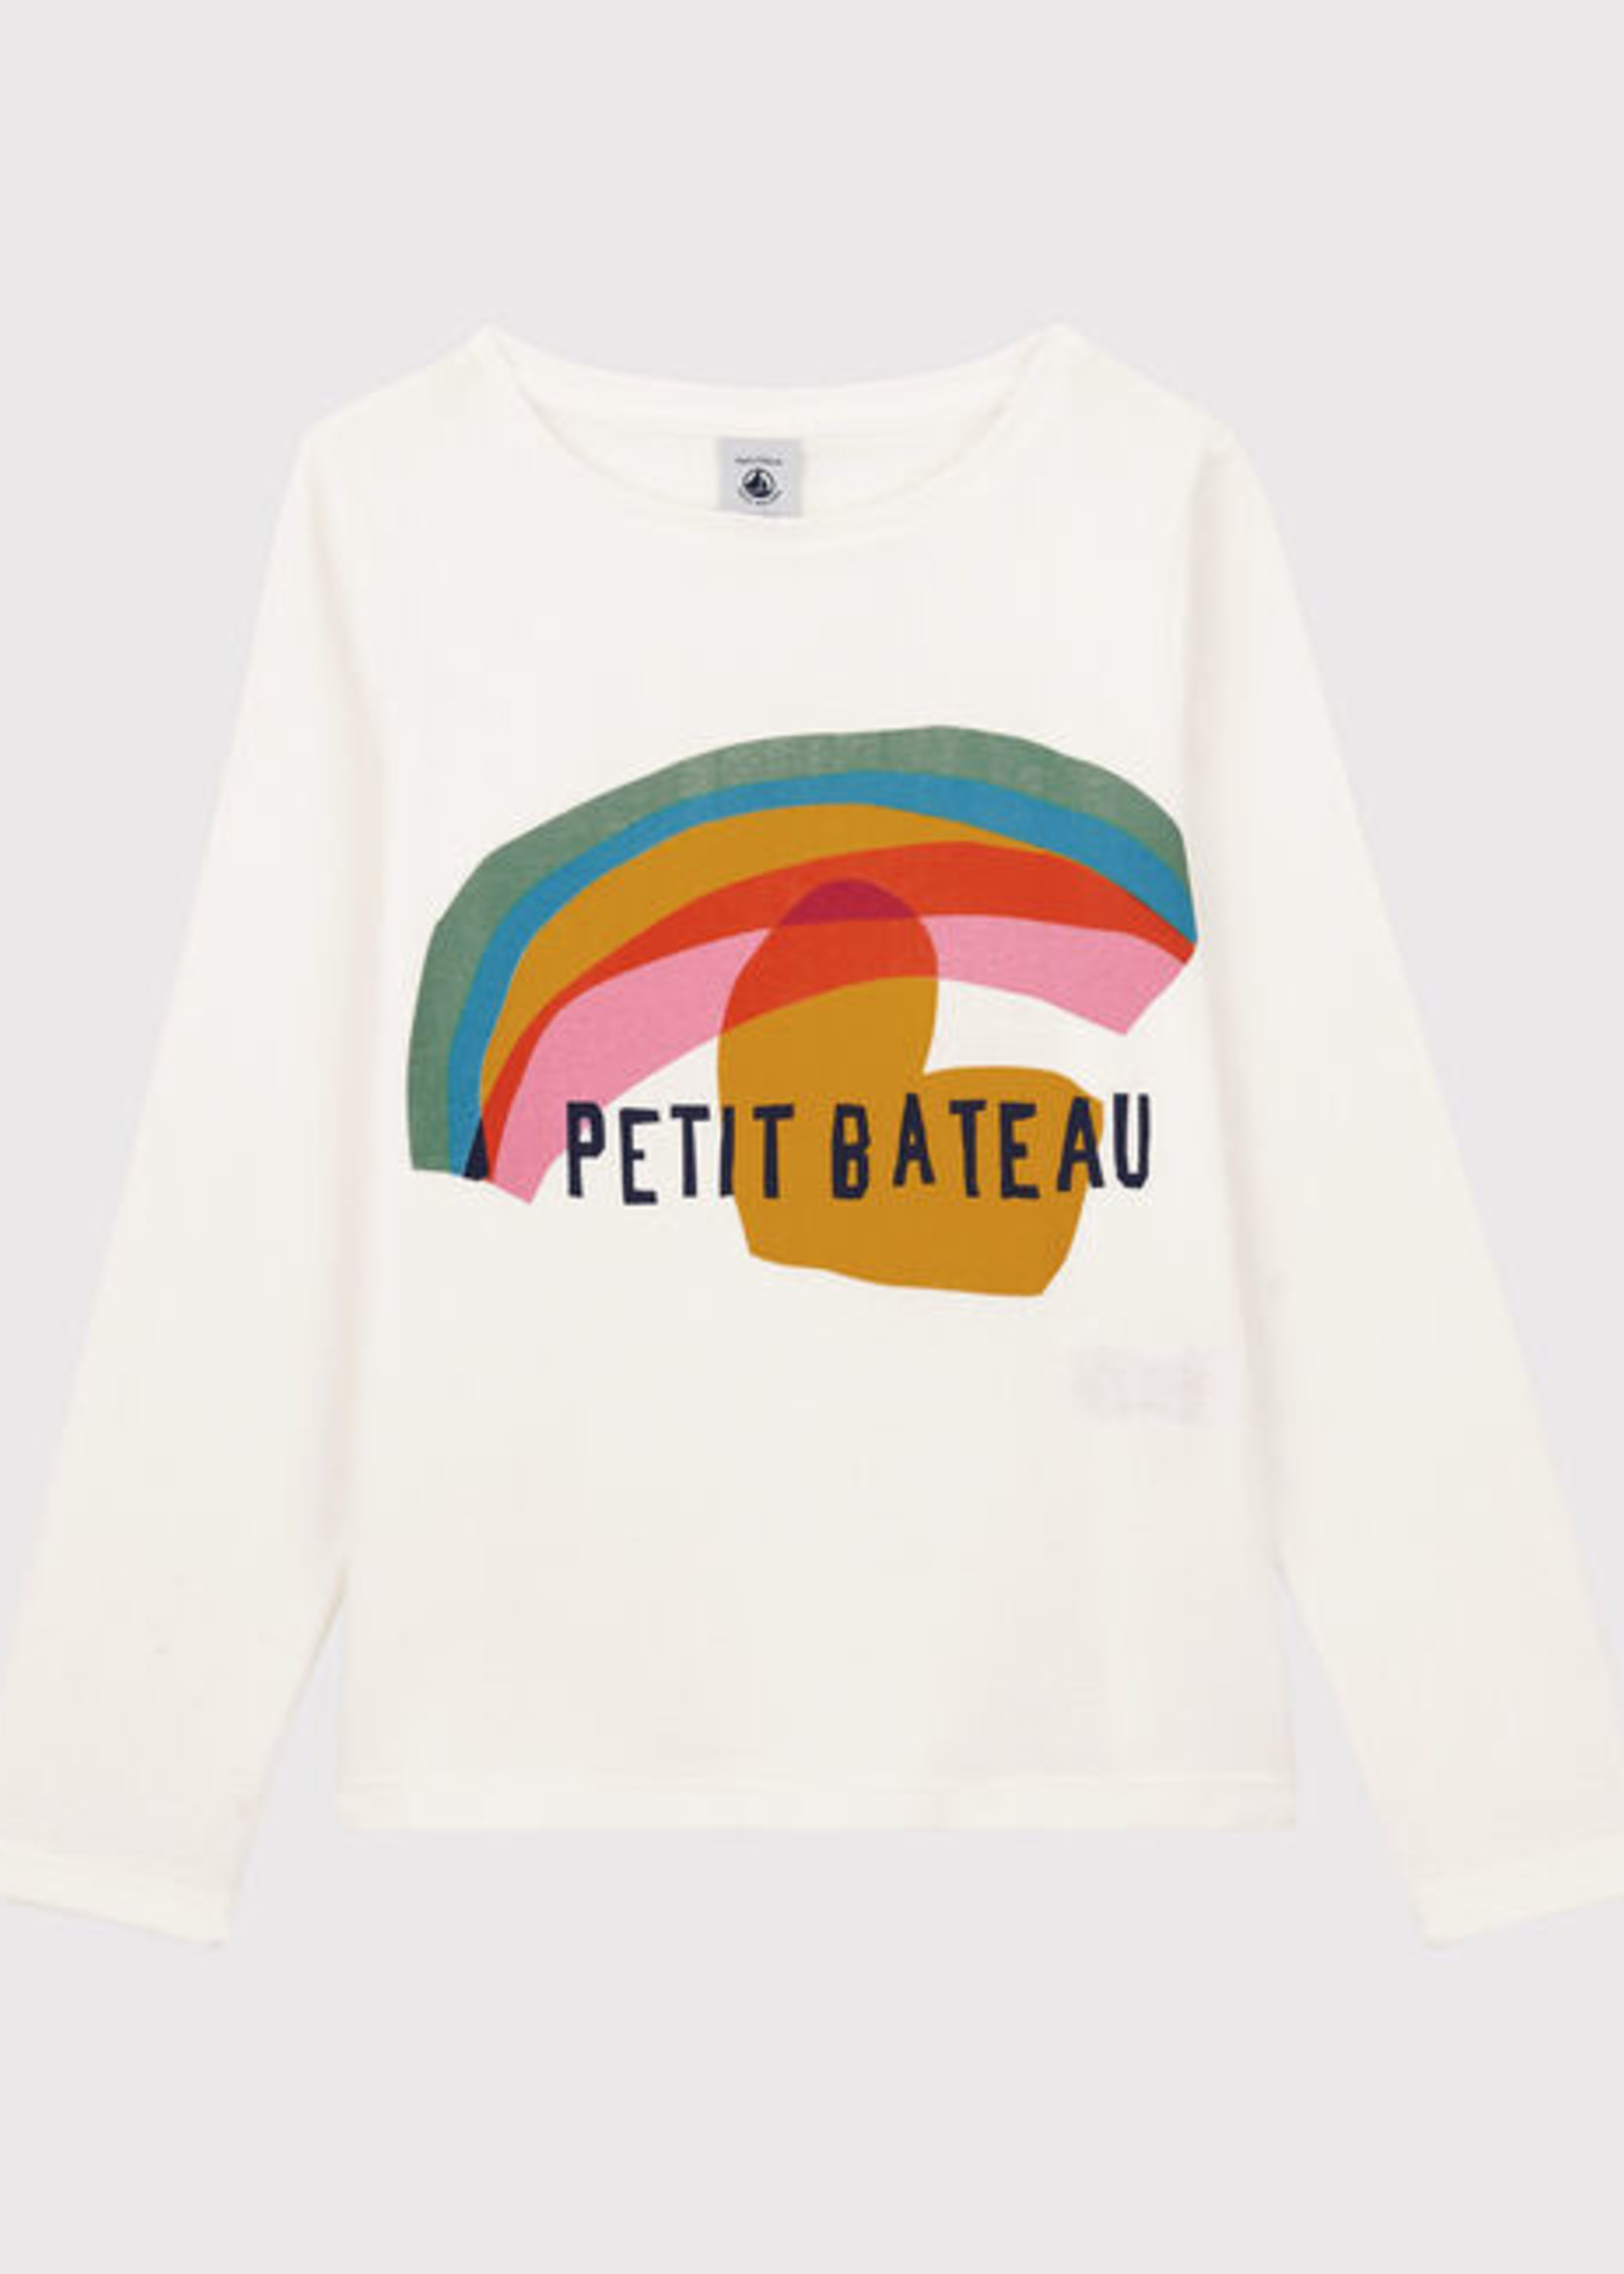 Petit Bateau Petit Bateau-AW21 A01RO02130 TEE